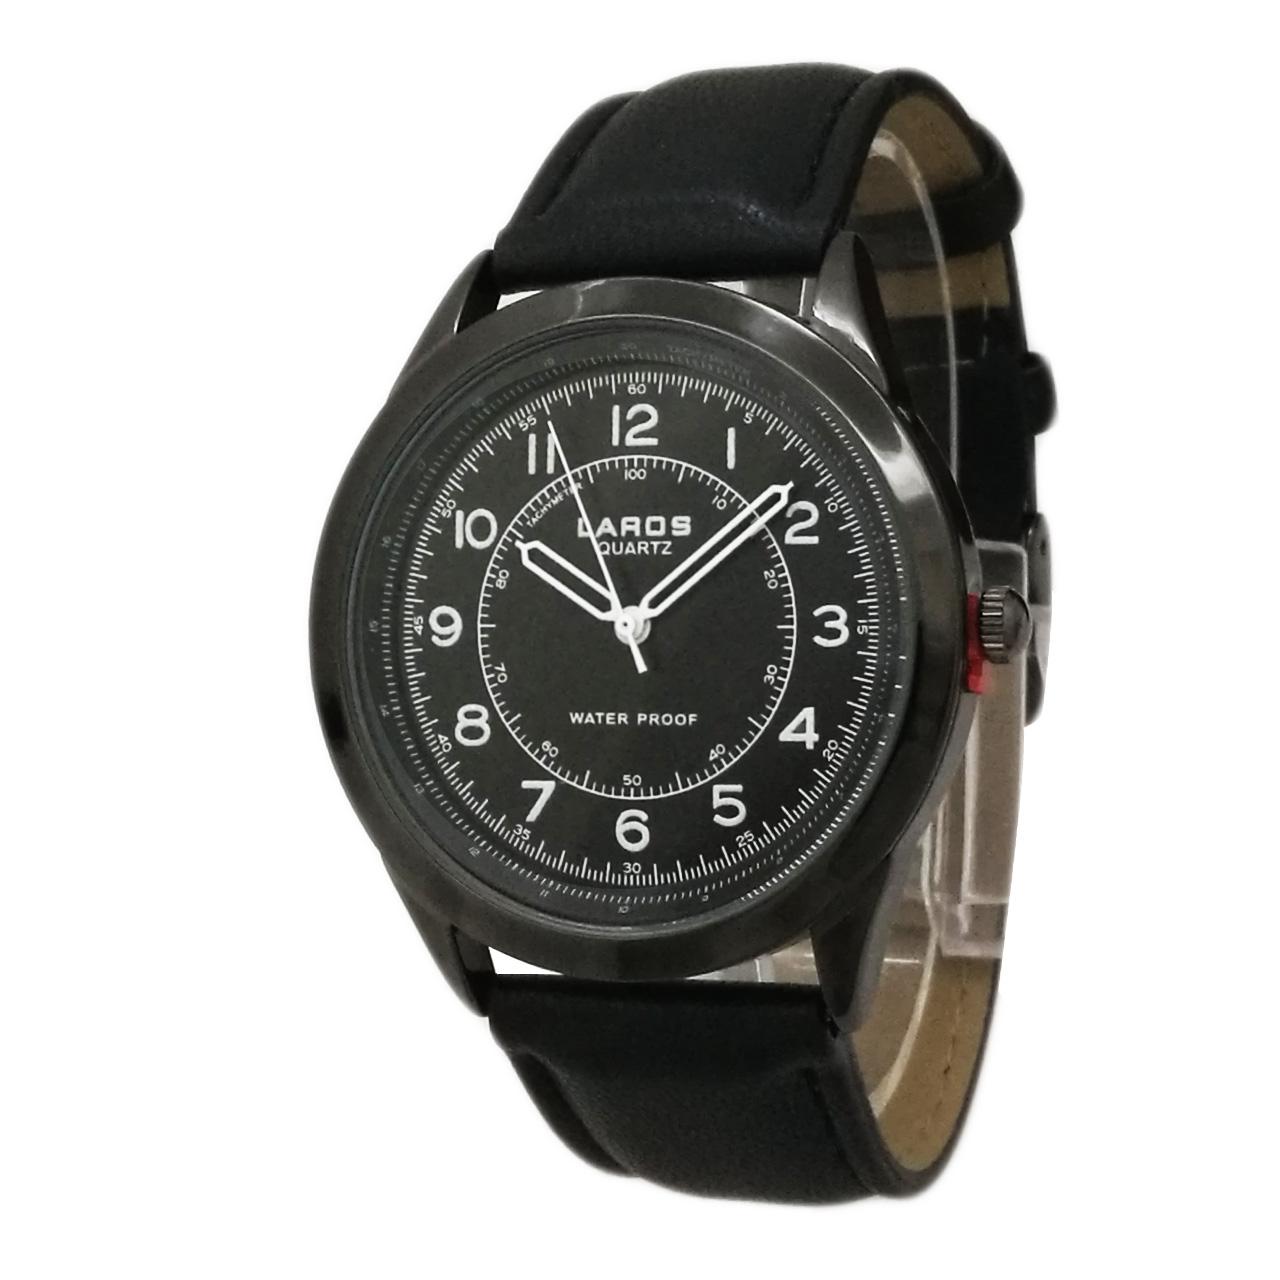 ساعت مچی عقربه ای مردانه لاروس مدل0817-80047-s به همراه دستمال مخصوص برند کلین واچ 21